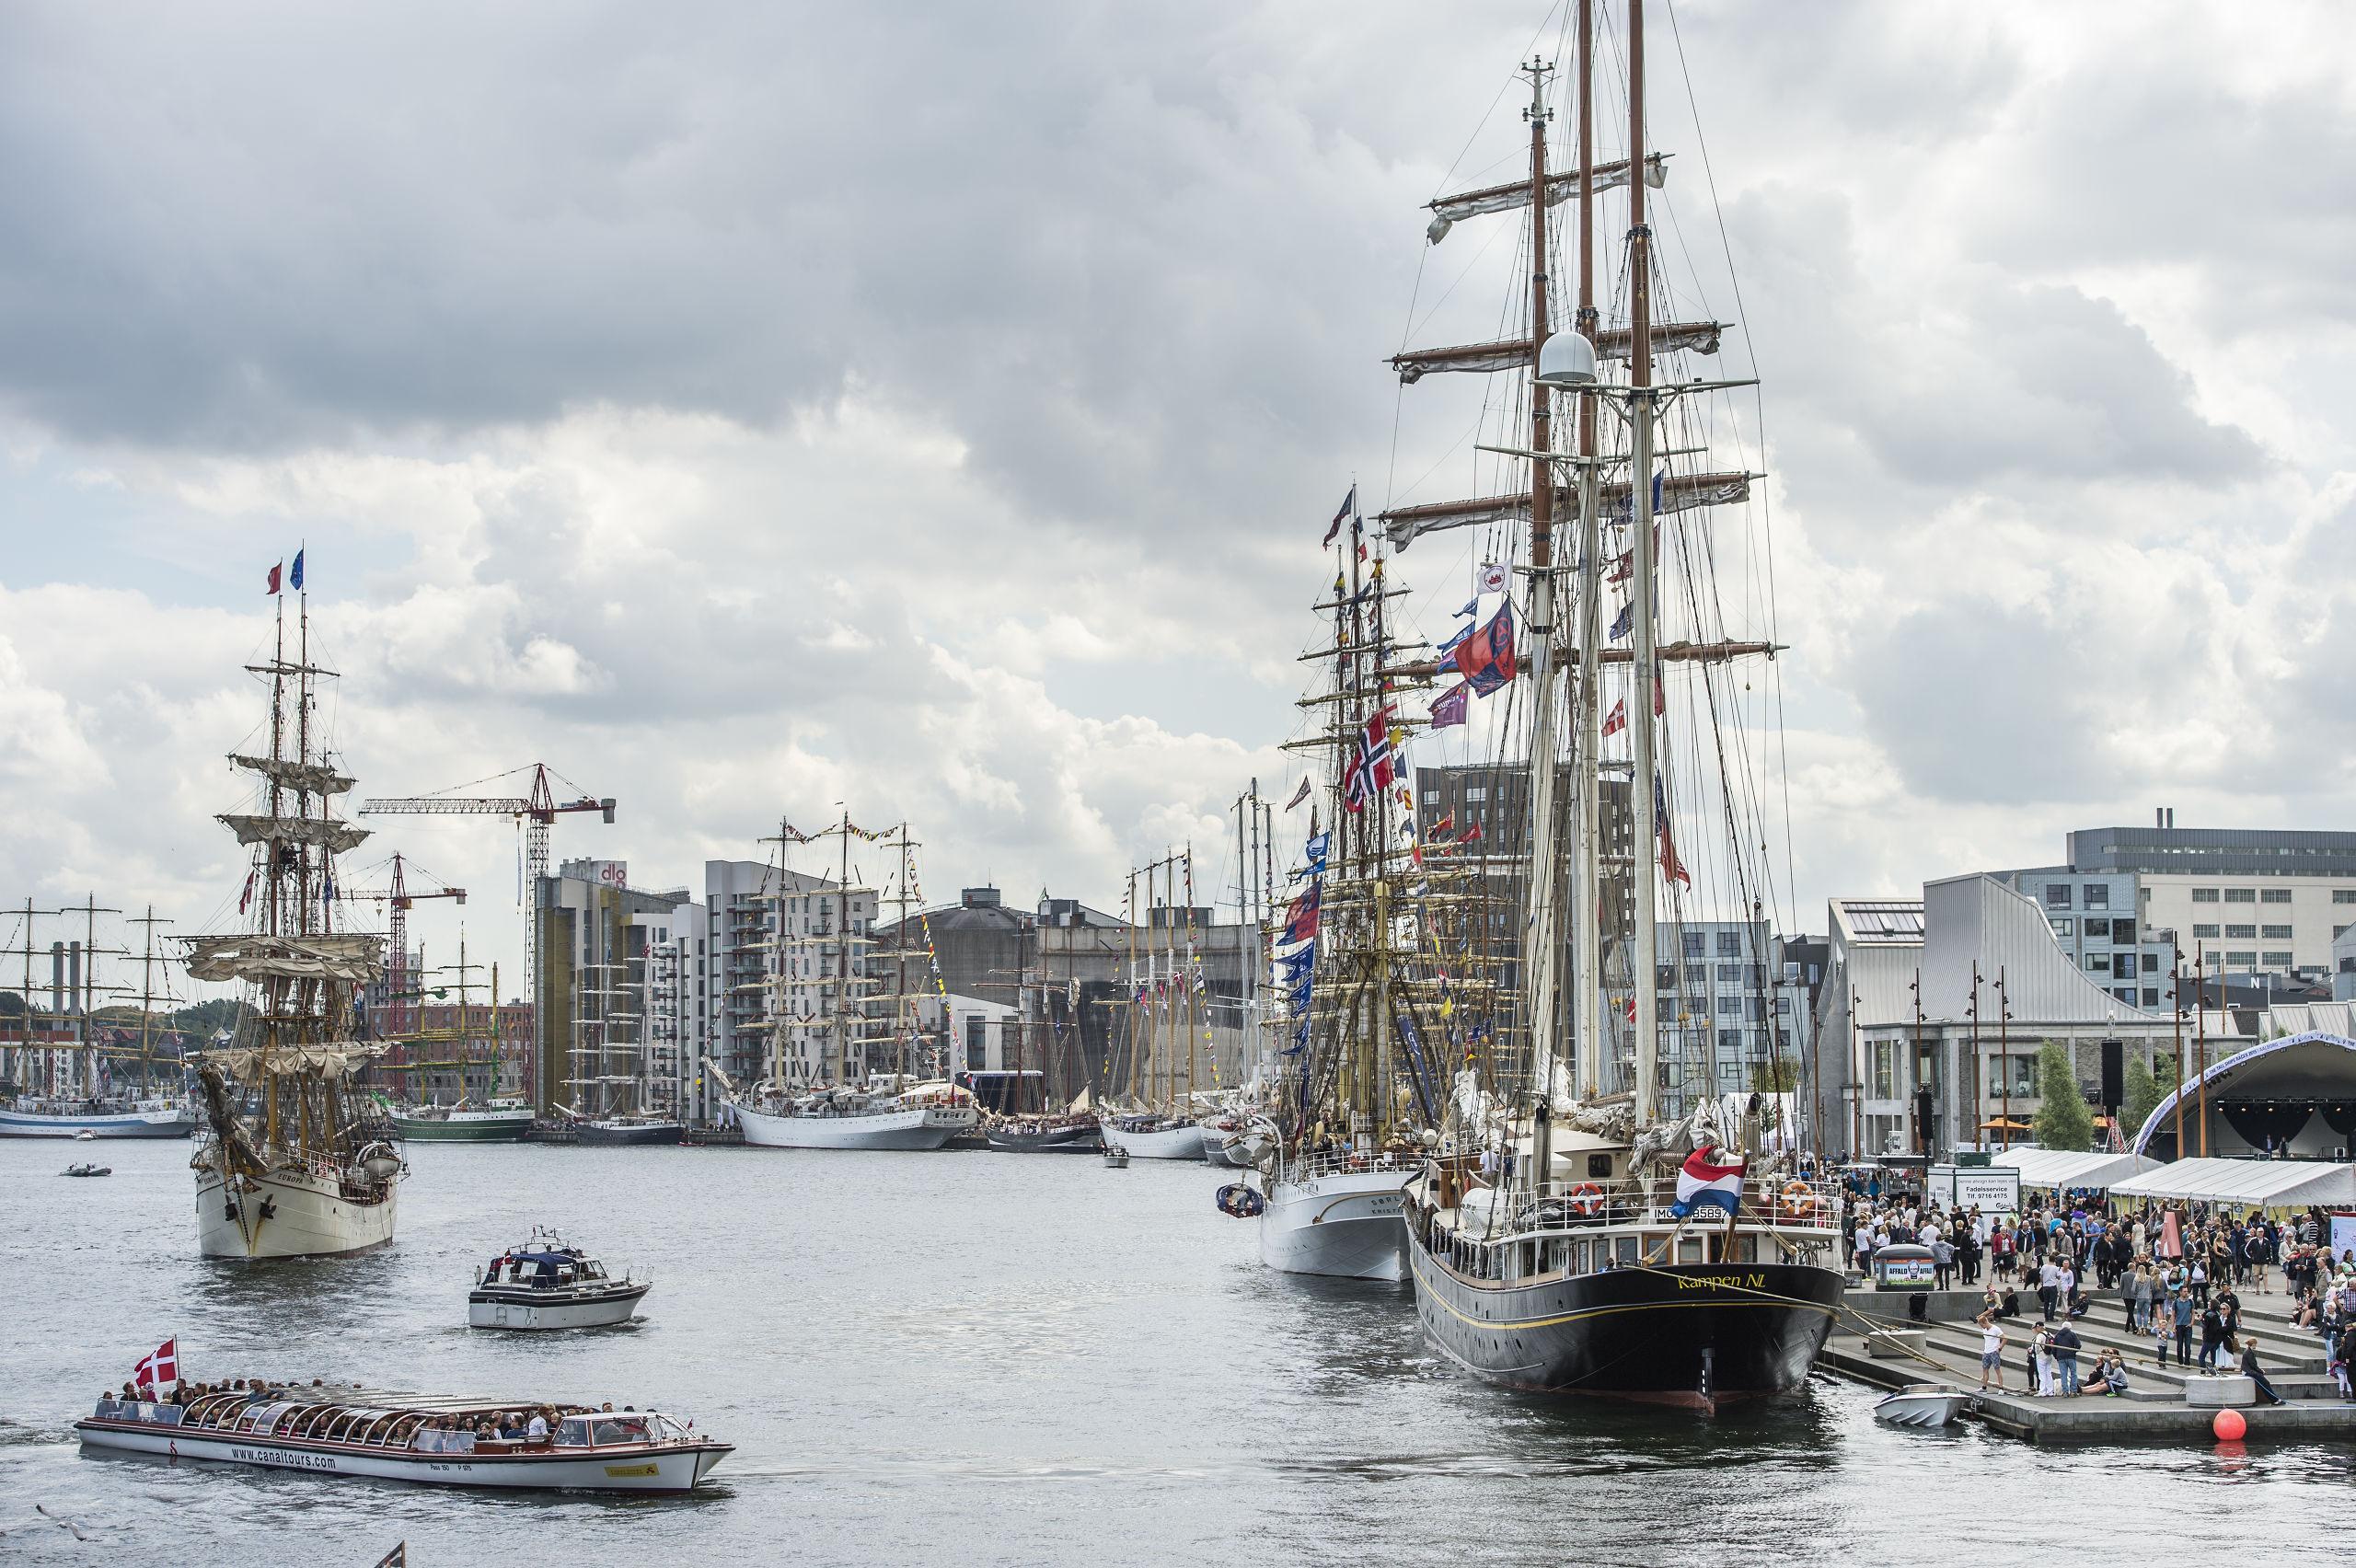 Det er ganske enkelt et imponerende syn, når nogle af verdens flotteste sejlskibe sejler ind i Aalborg Havn og lægger til kaj. The Tall Ships Races are back in town i Aalborg i begyndelsen af juli måned. Arkivfoto: Laura Guldhammer